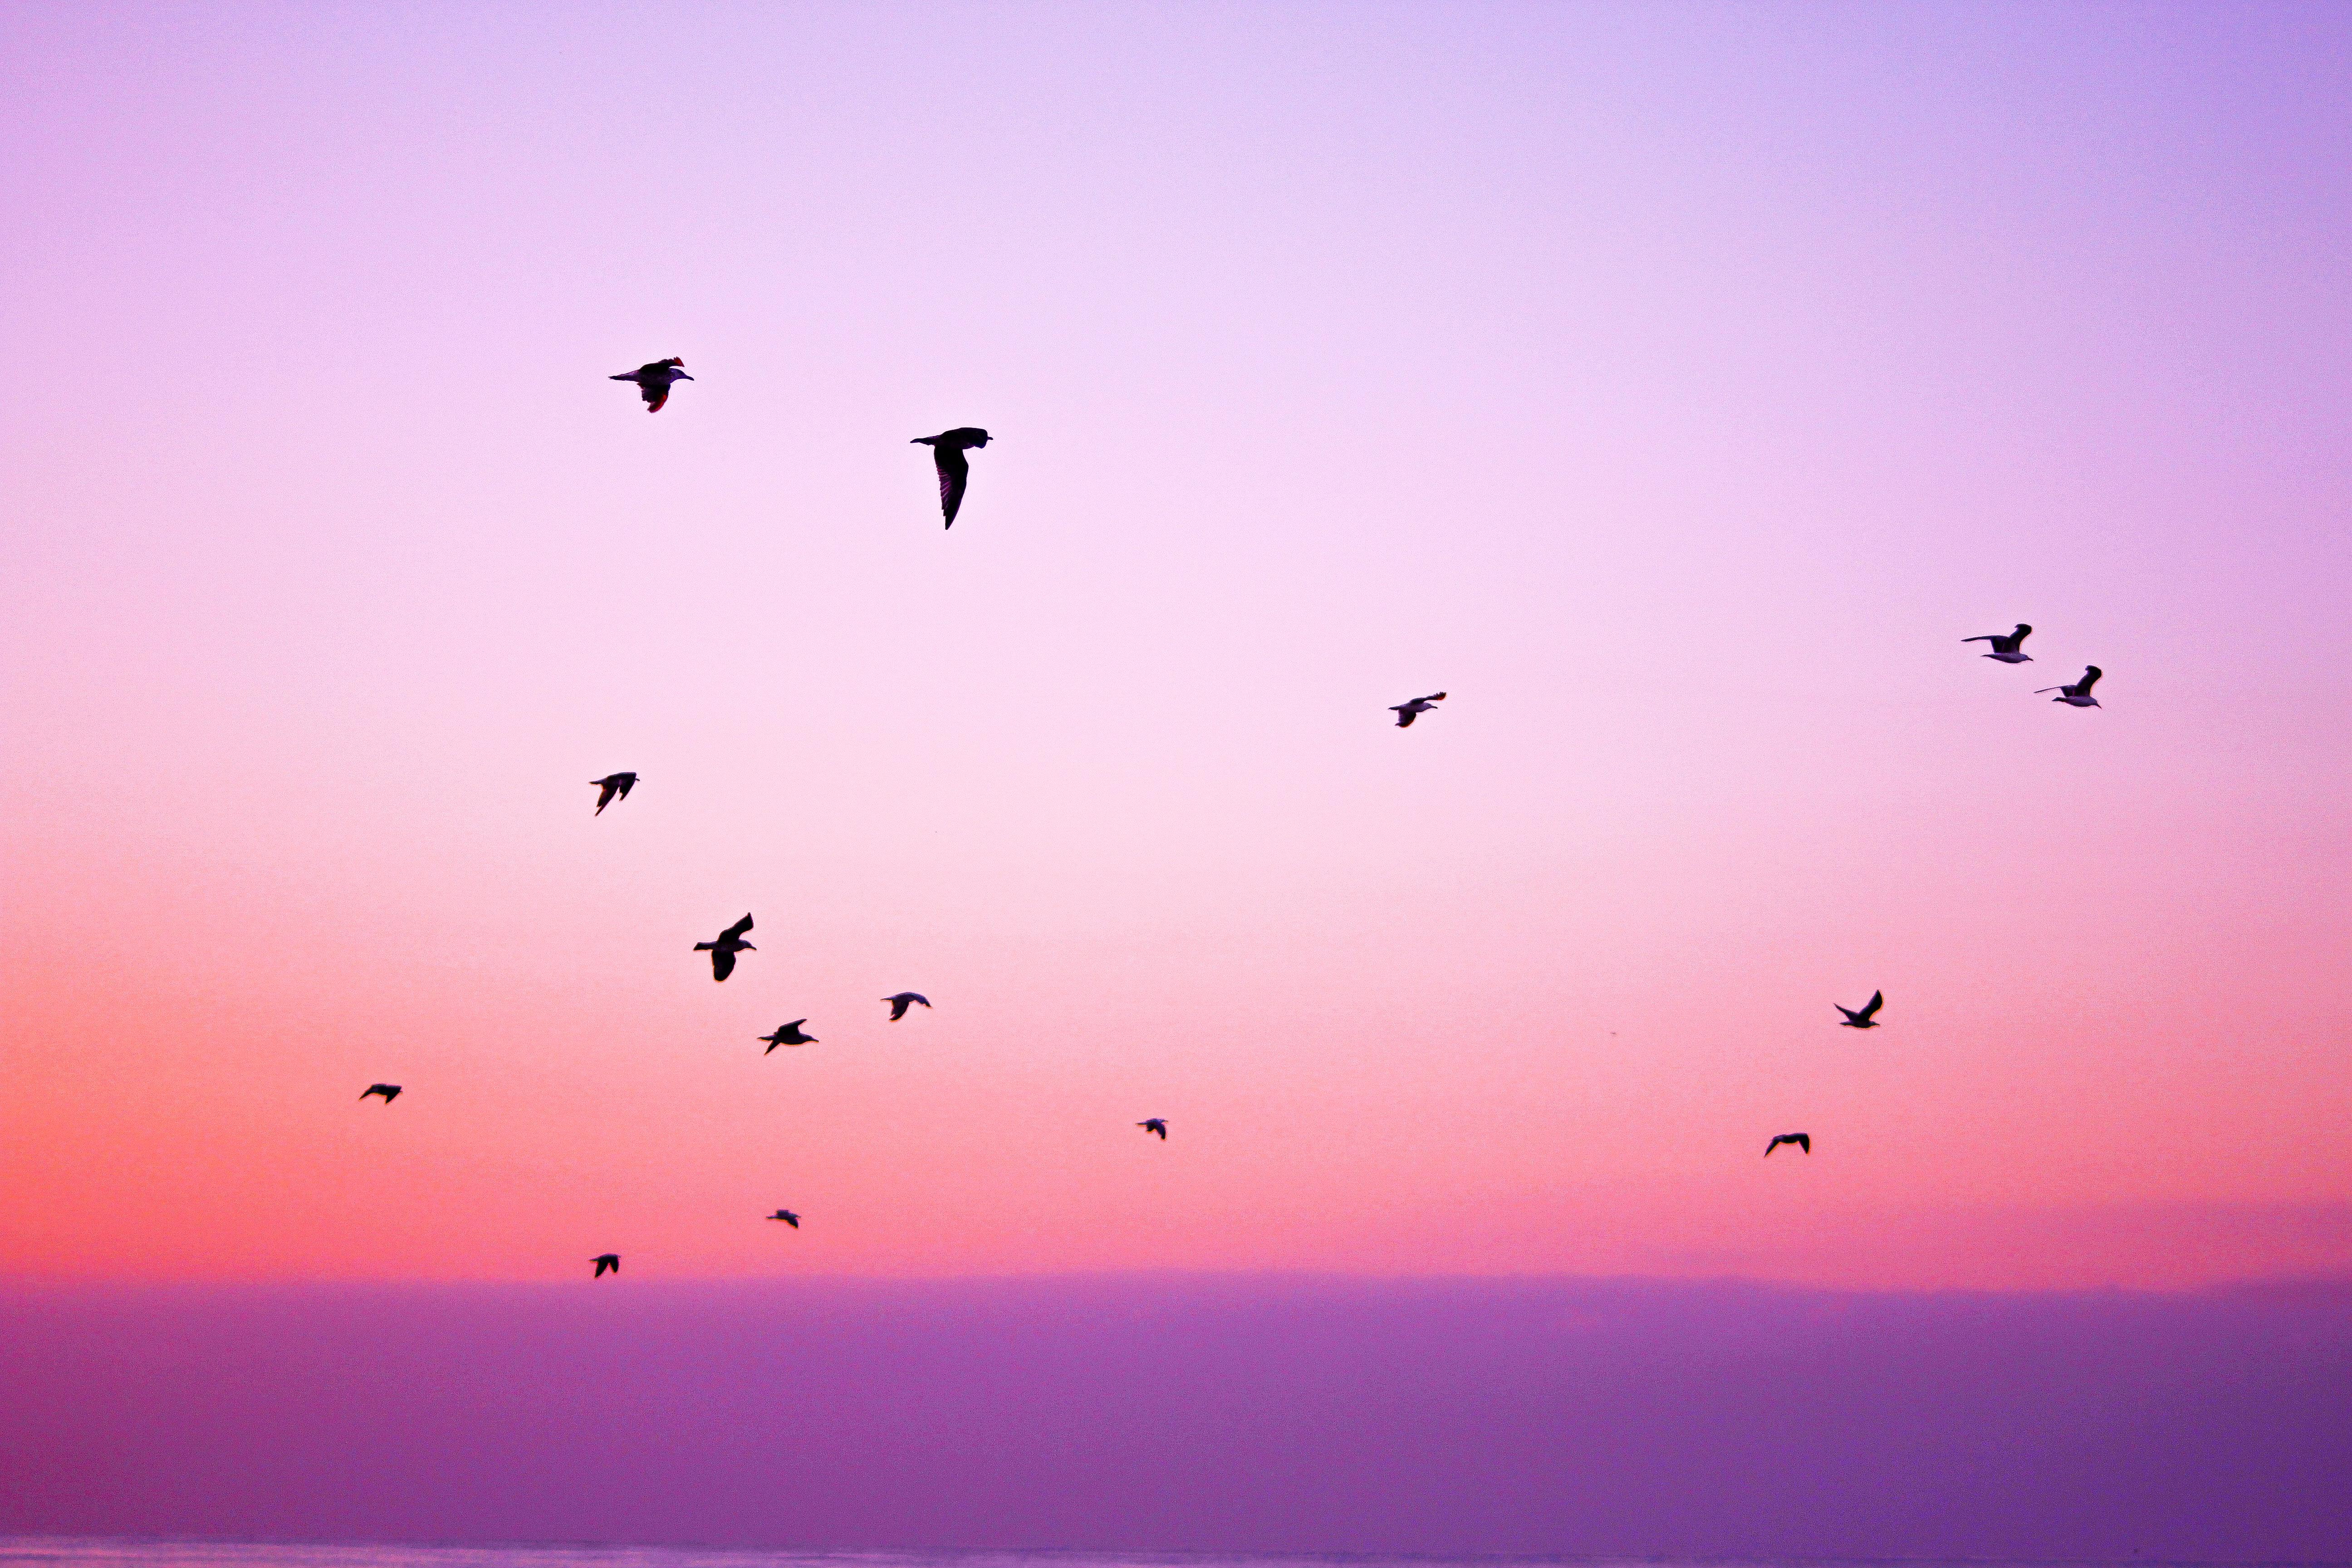 картинки с летящими птицами красивые это фото практически